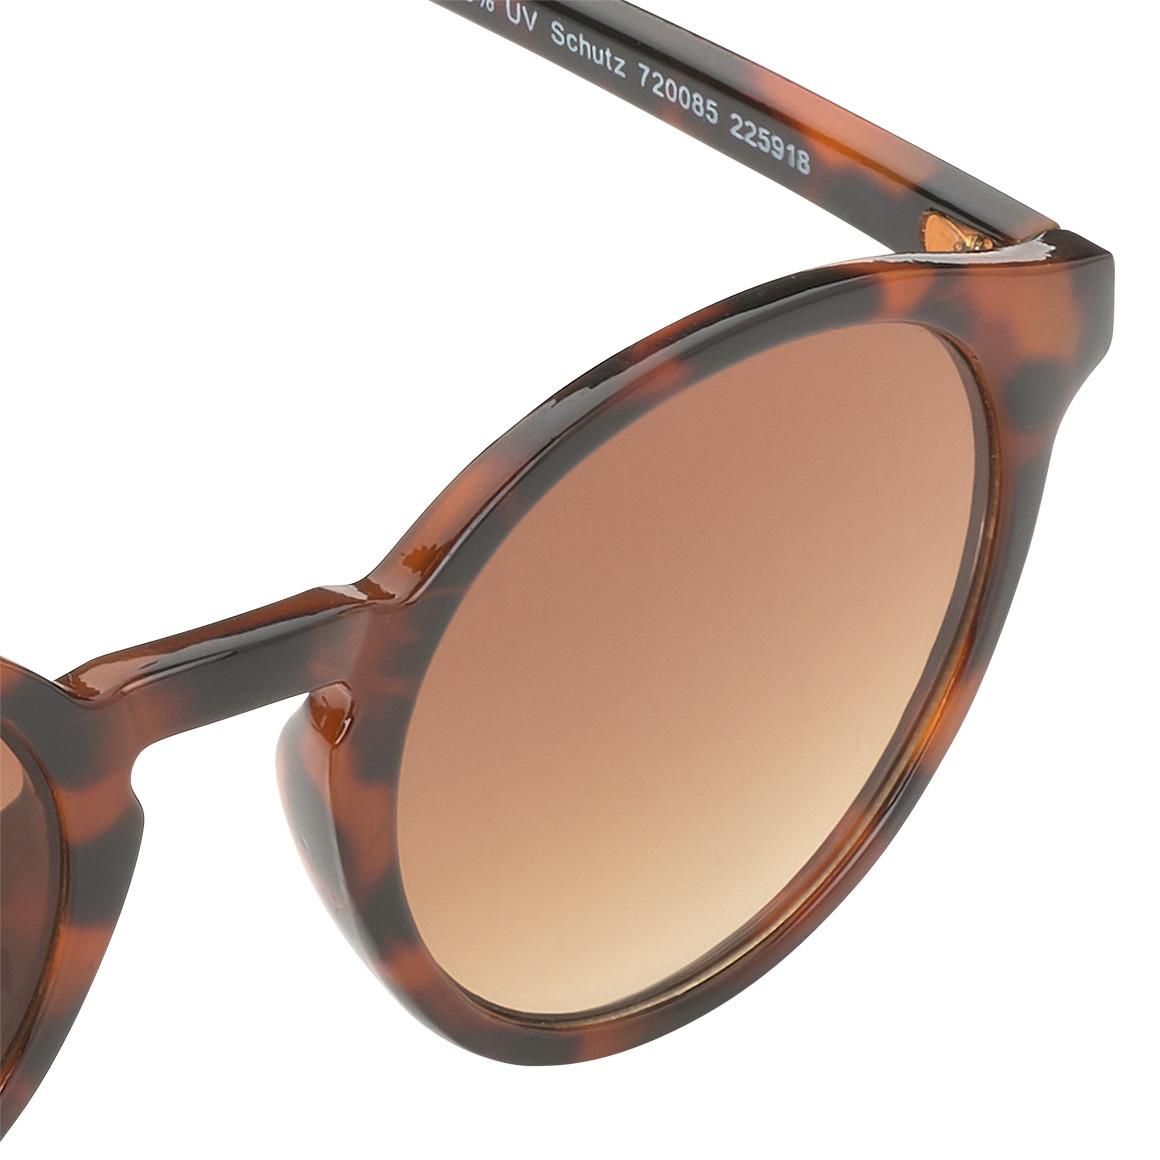 Damen Sonnenbrille mit UV Schutz   Ernsting's family